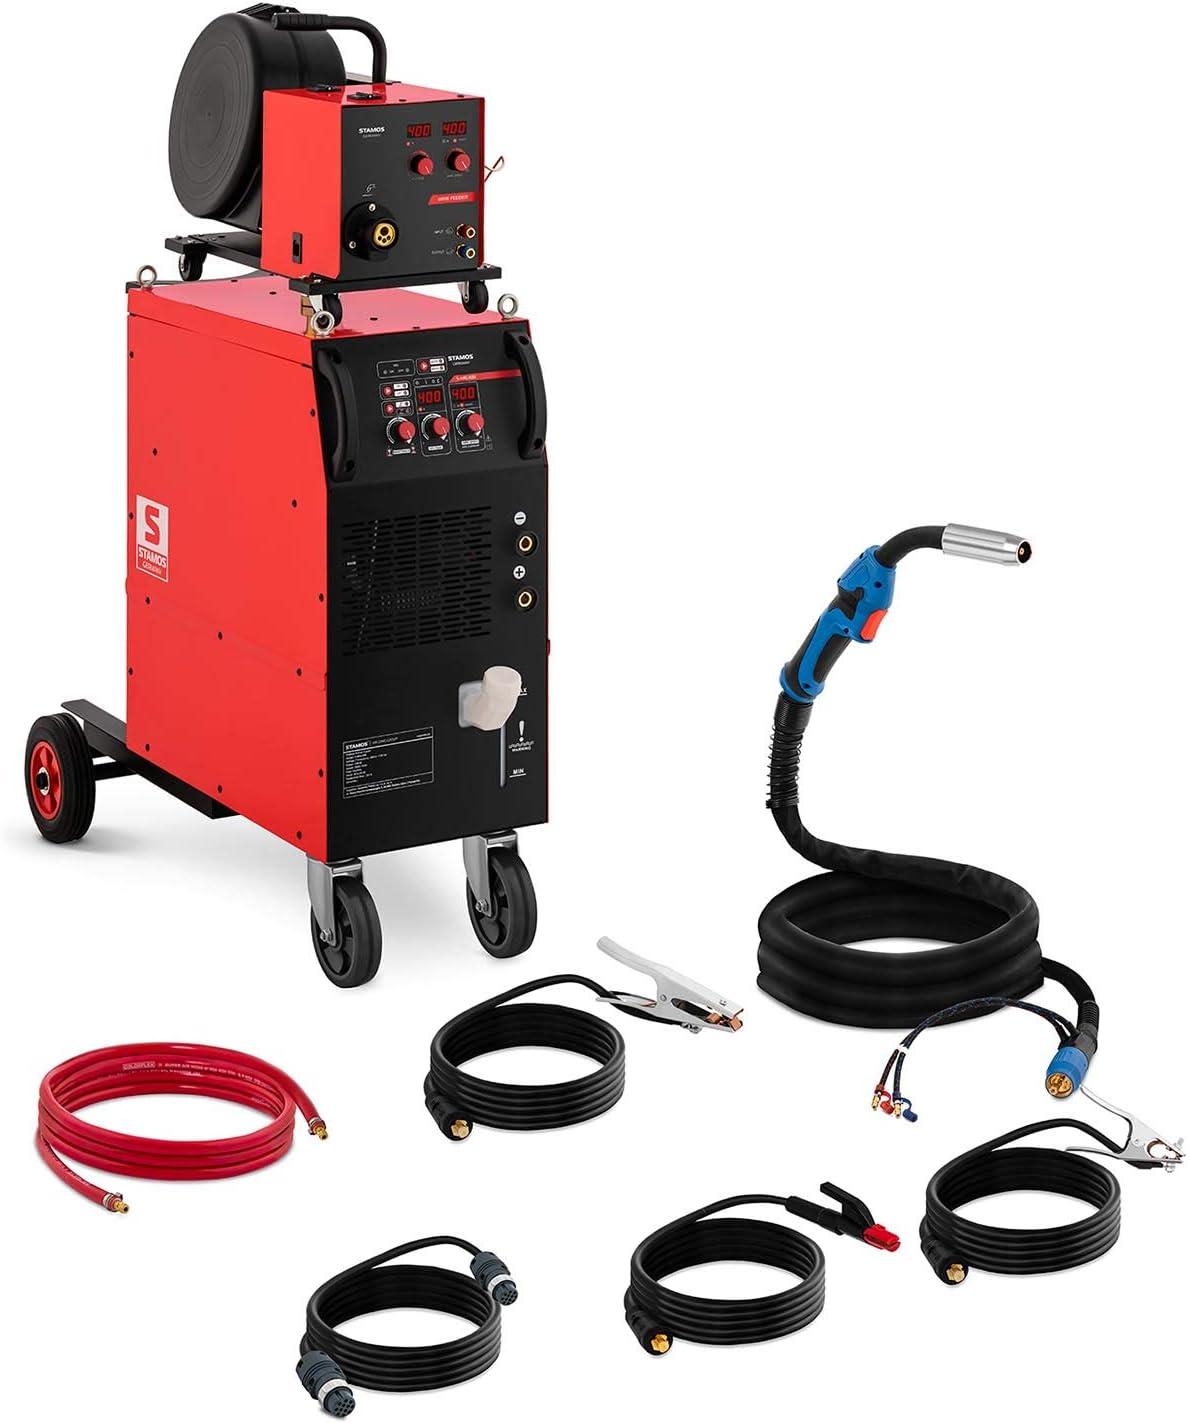 Stamos Máquina De Soldar MIG/MAG De Hilo Tubular Soldador Flux S-MIG 400 (Refrigeración por agua, MIG/MAG/MMA/FLUX, 400 A - 400 V)